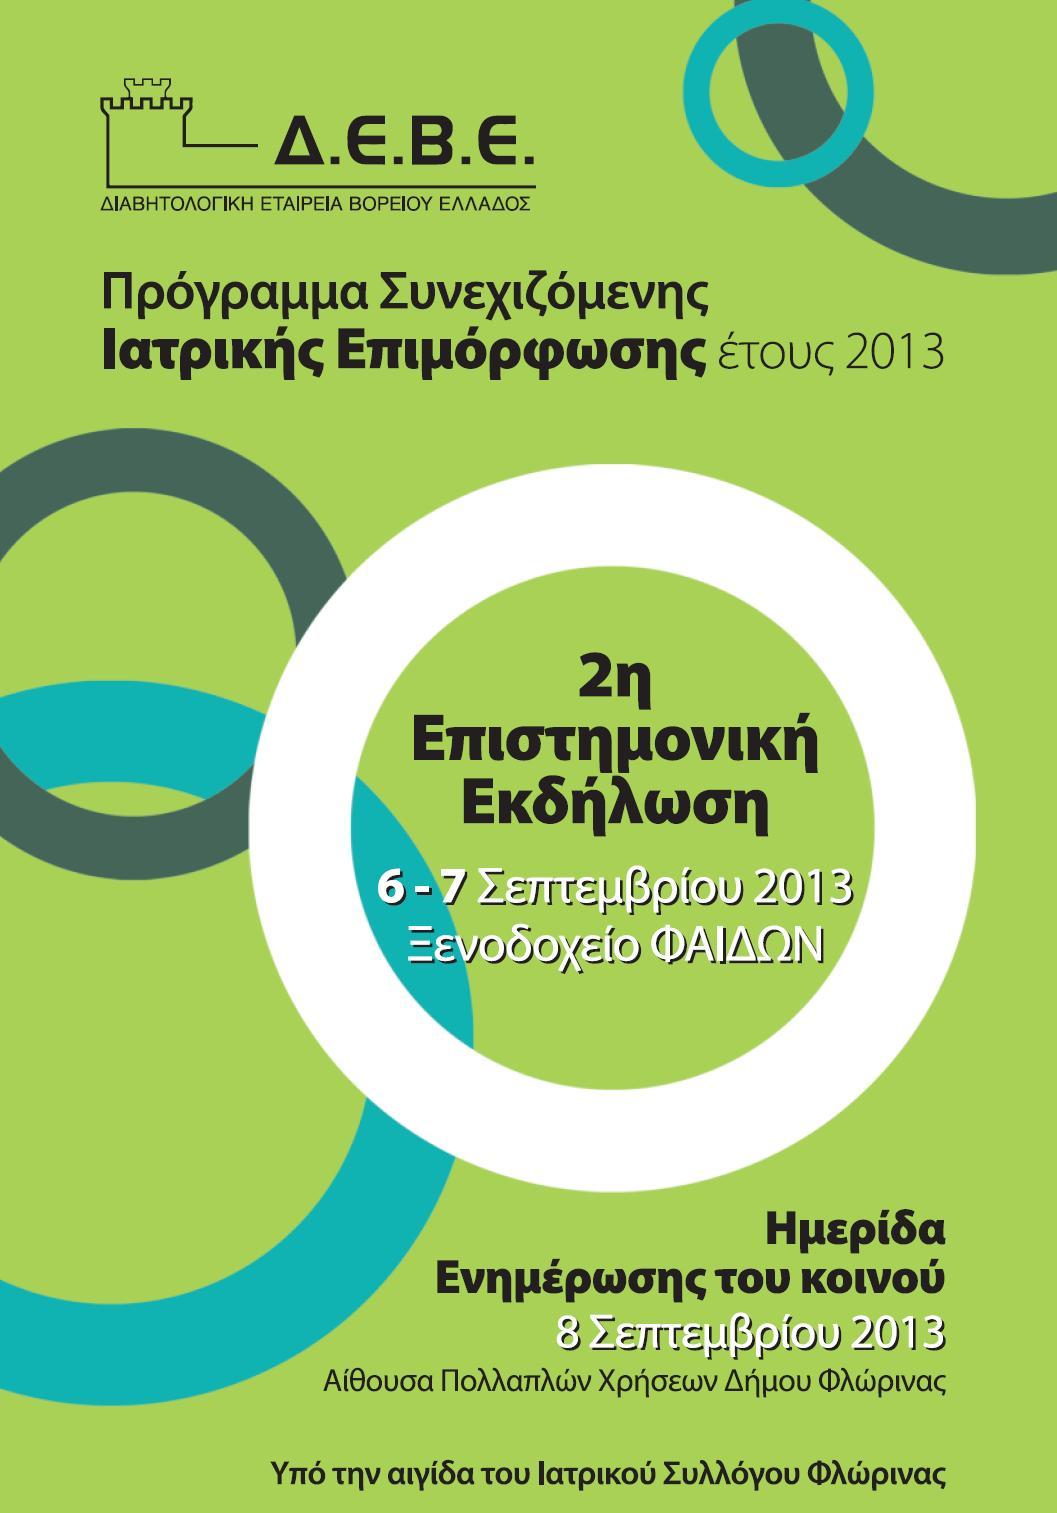 Ετήσιο Πρόγραμμα Συνεχιζόμενης Ιατρικής Επιμόρφωσης Διαβητολογικής Εταιρείας Βορείου Ελλάδος